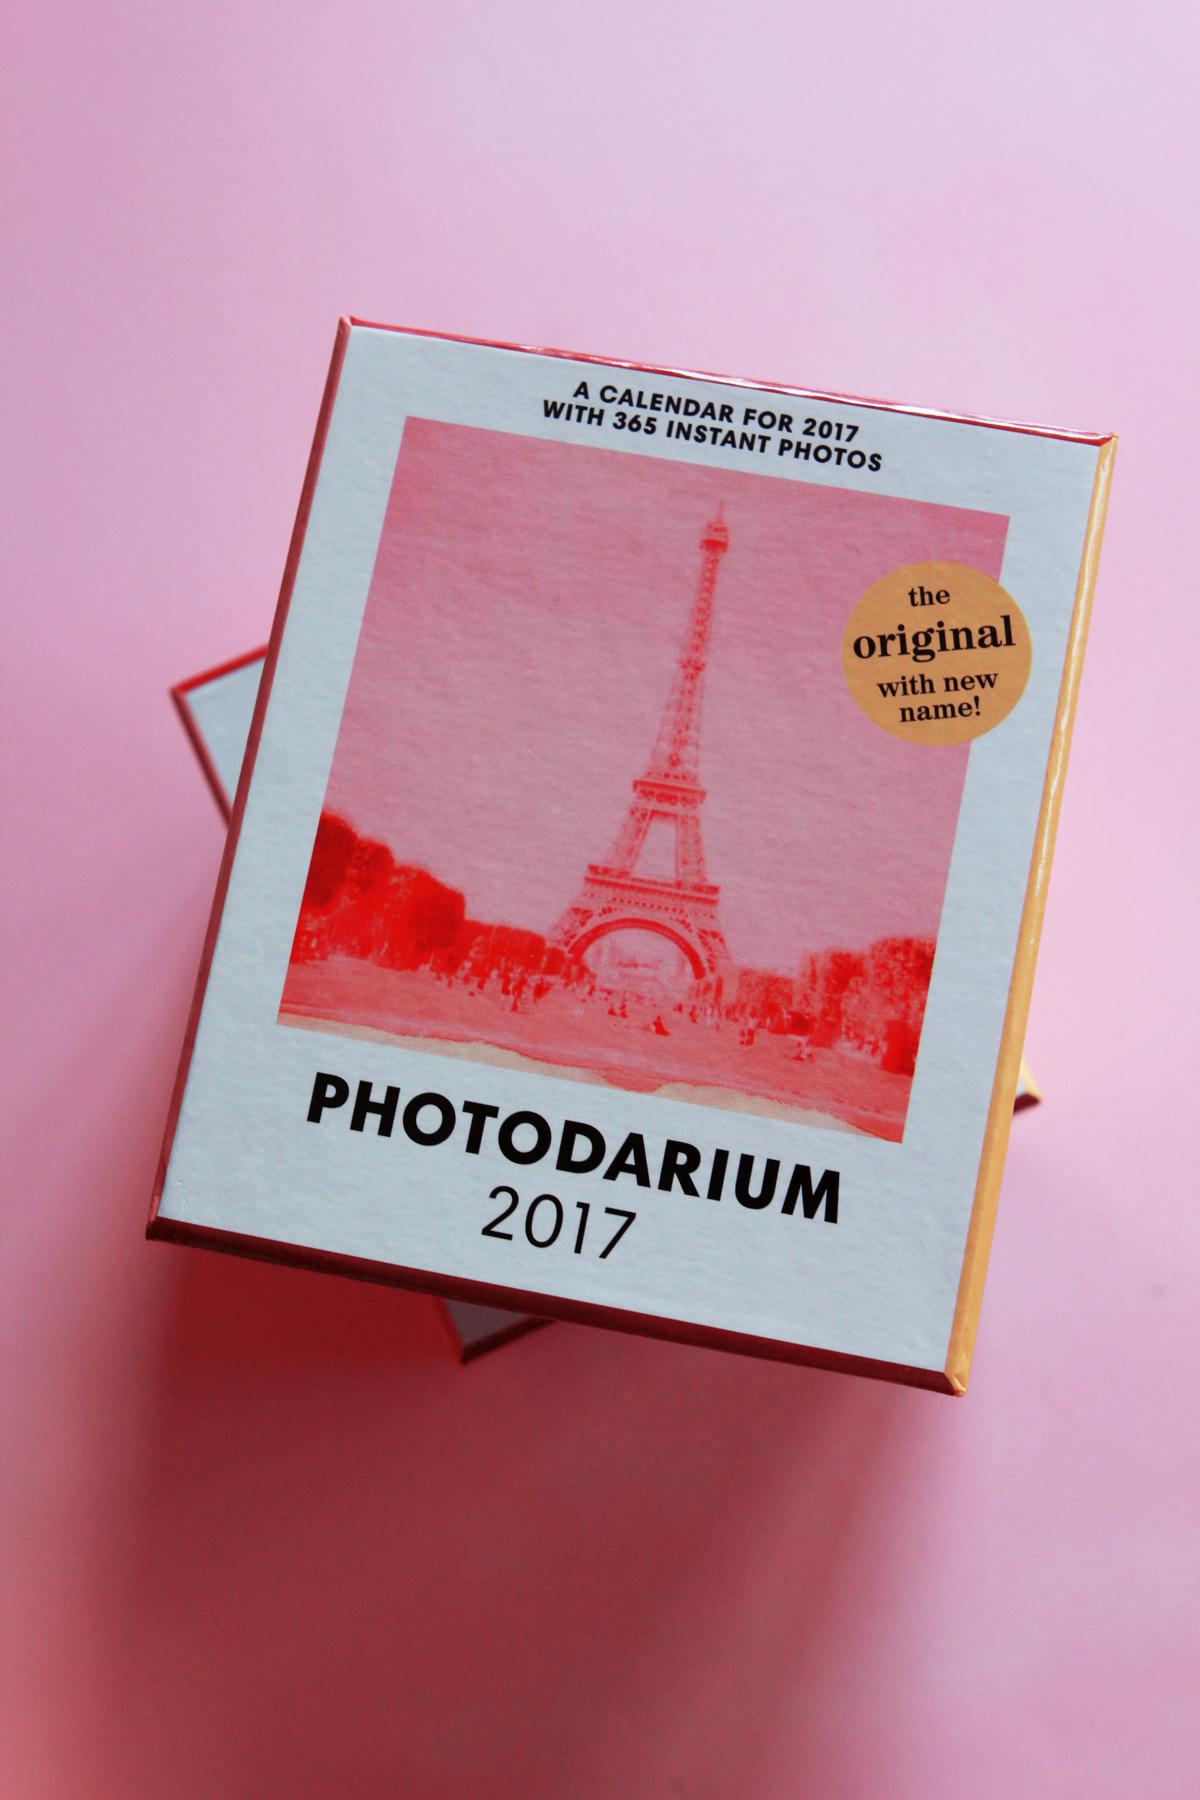 photodarium-poulettemagique-11